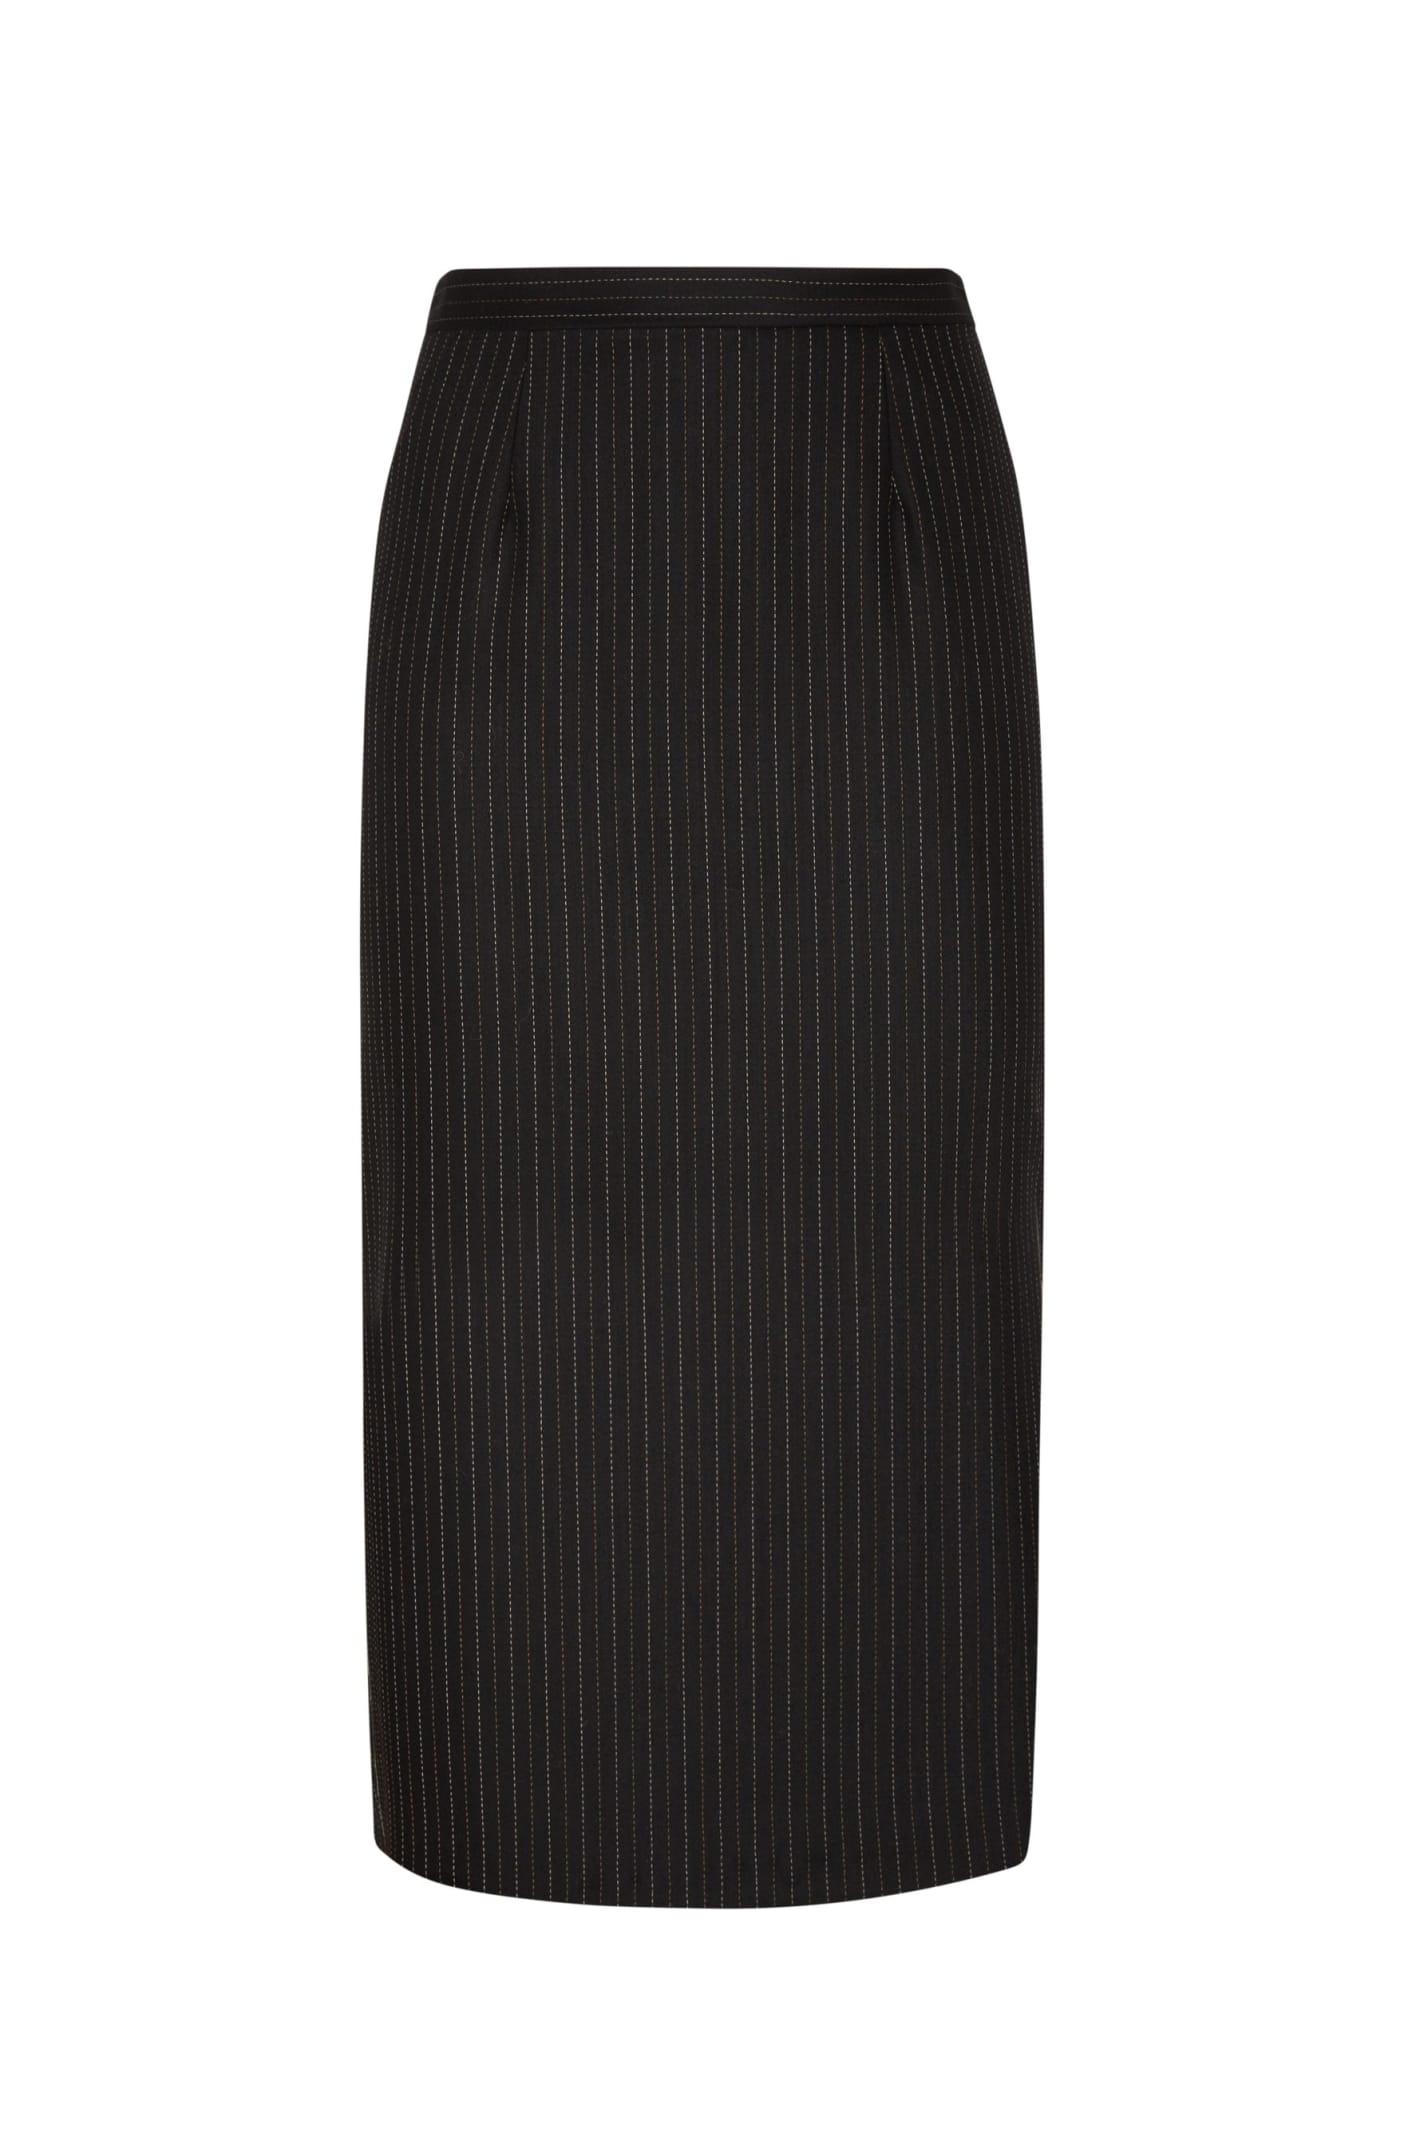 Diana Skirt In Black Gessato